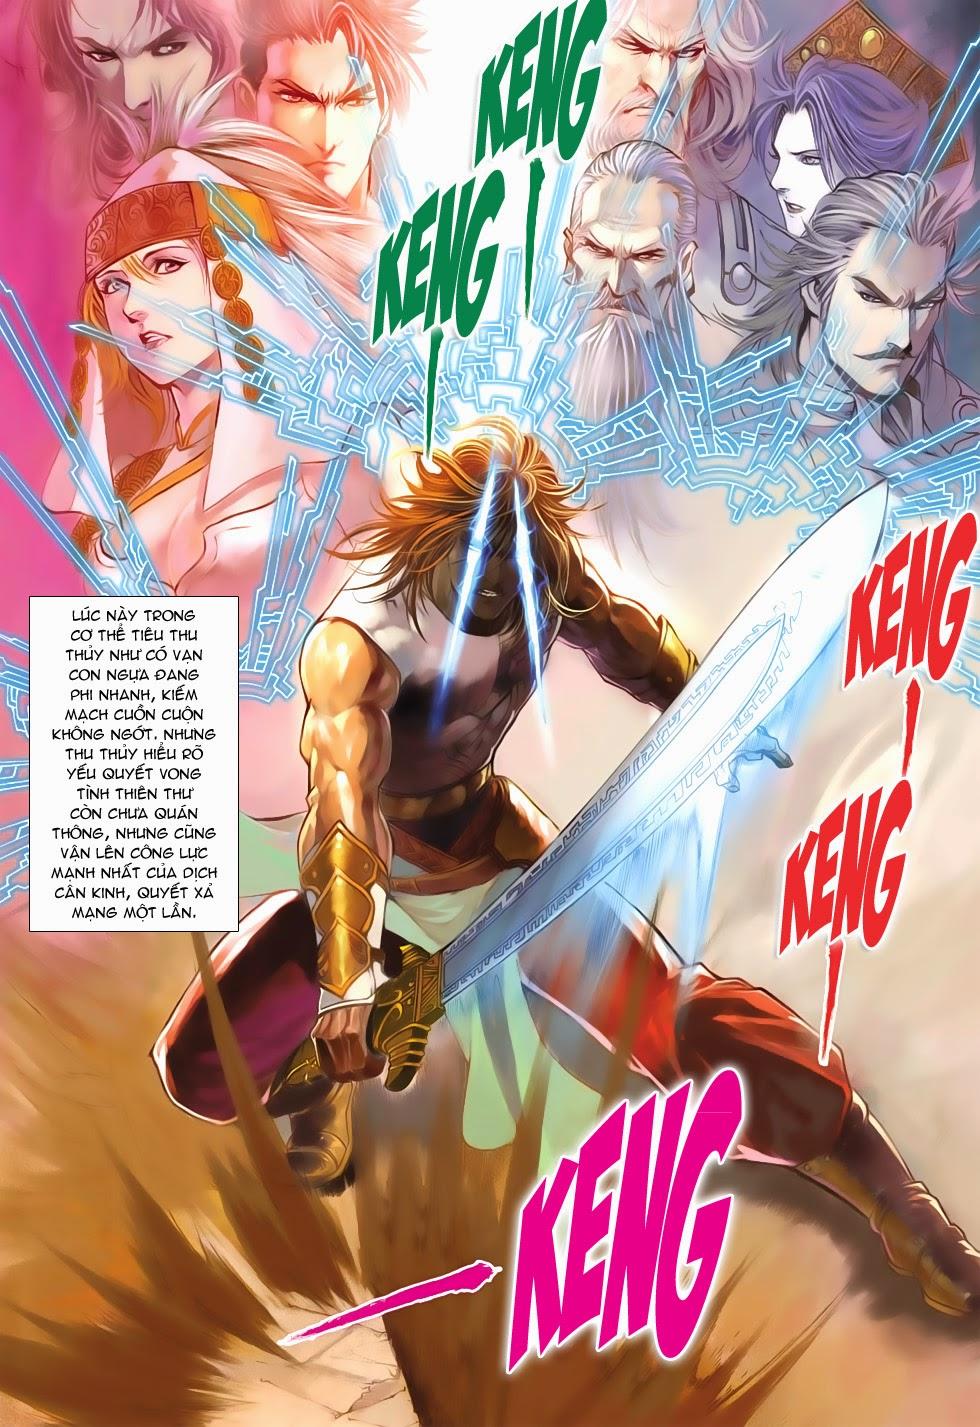 Thần Châu Kỳ Hiệp chap 32 – End Trang 21 - Mangak.info